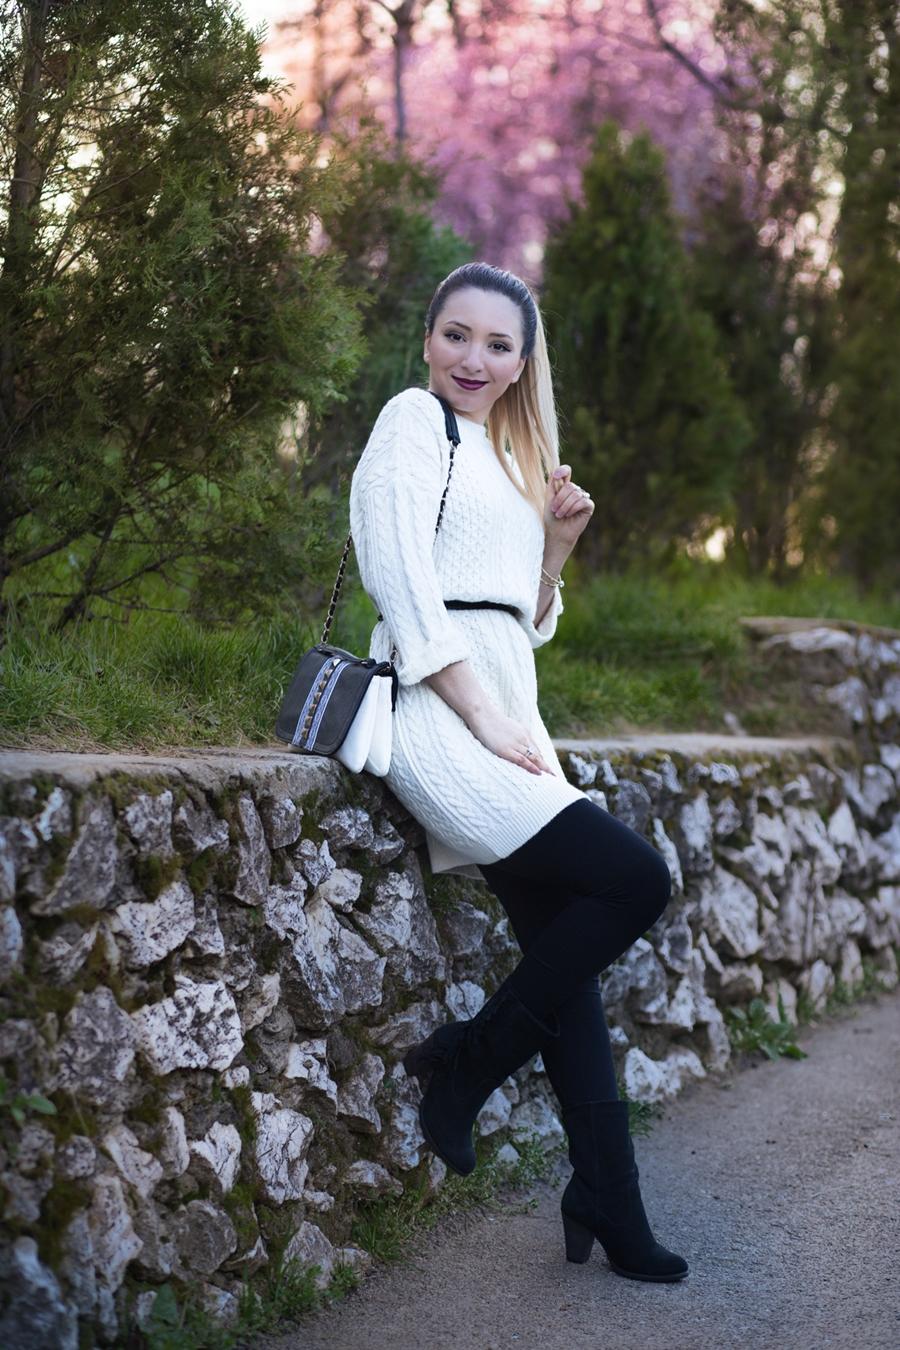 Blogger de moda Pitesti - tinuta de primavara alb negru